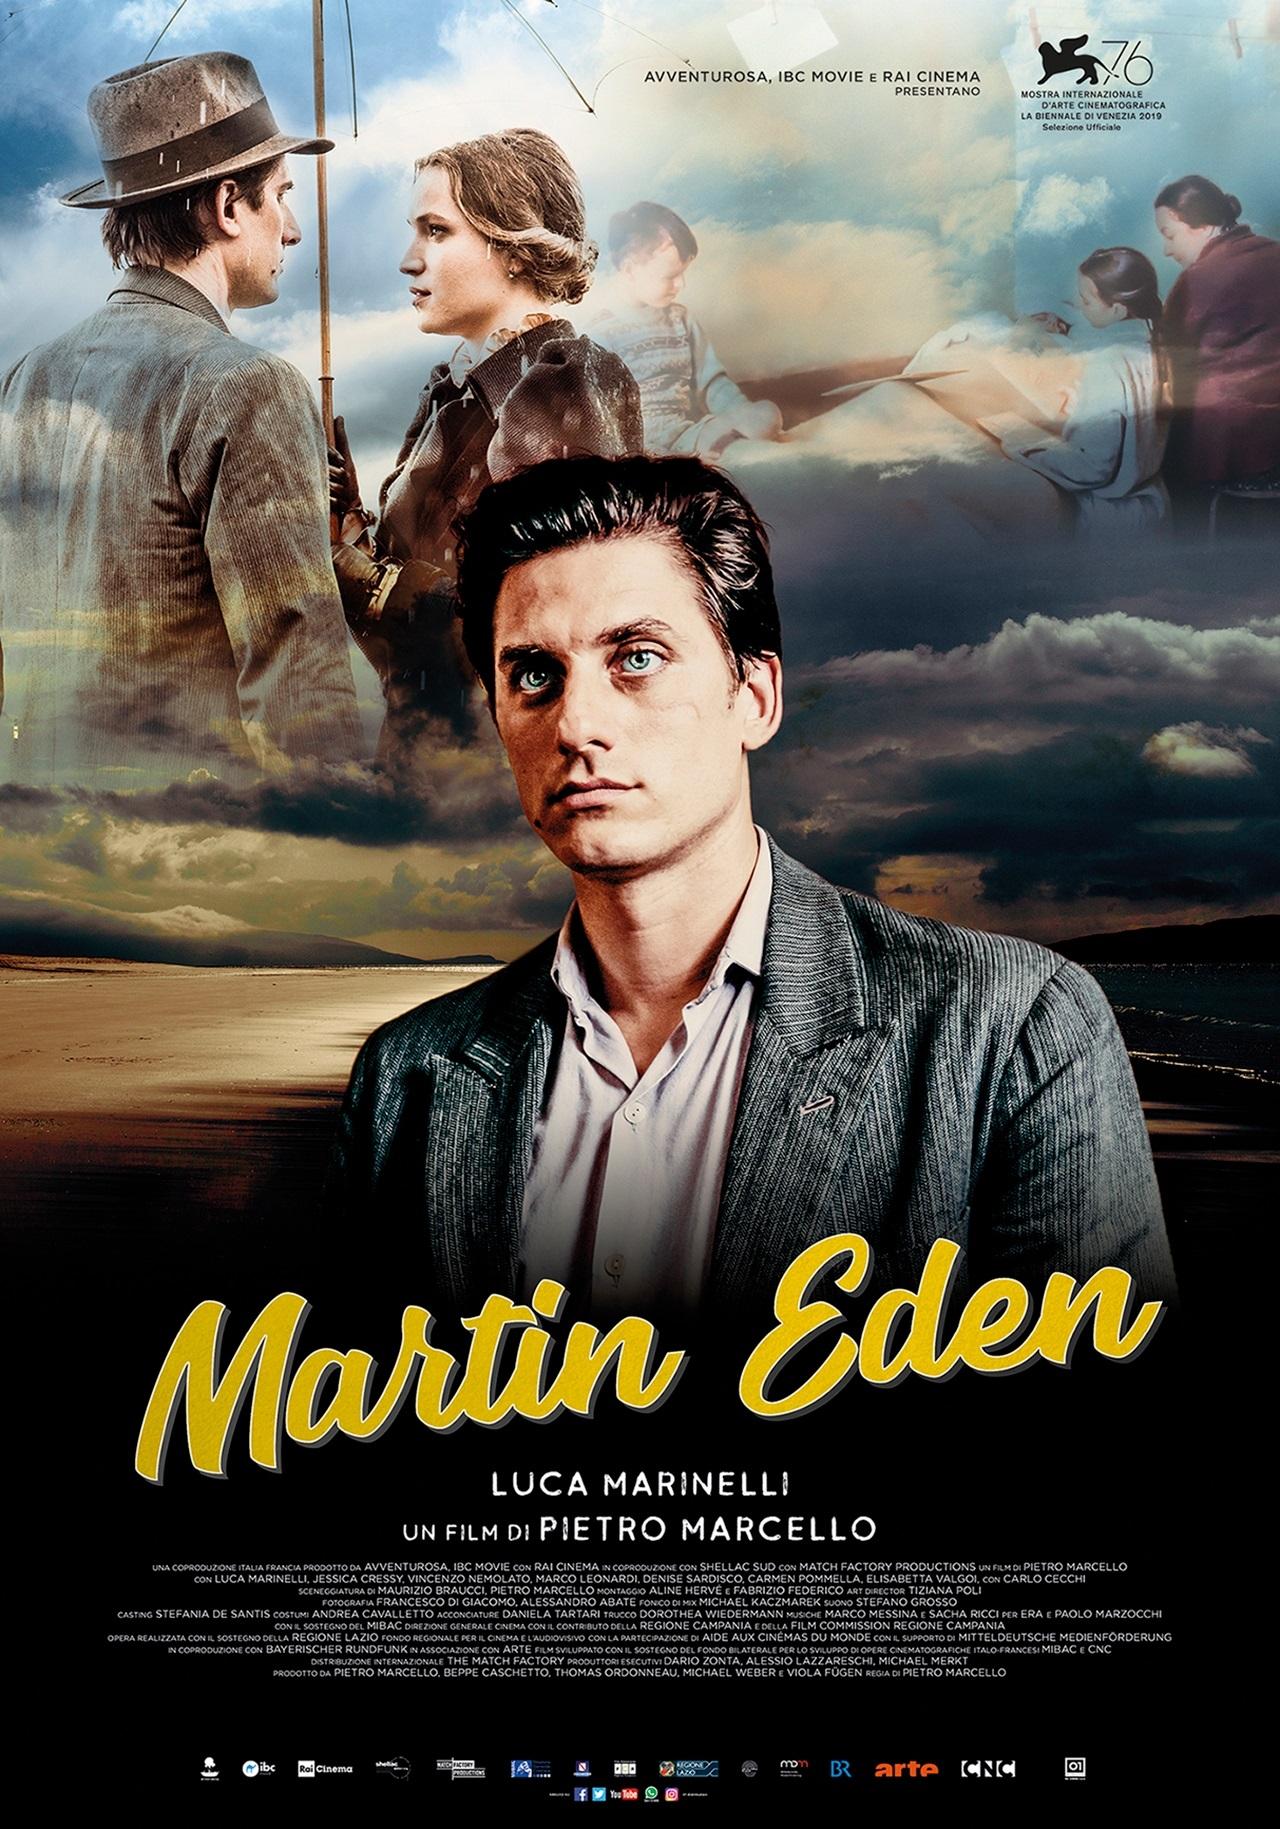 MARTIN EDEN mercoledì 11, giovedì 12, venerdì 13: ore 21:15  sabato 14, domenica 15: ore 18:30 -  21:15 #MartinEden